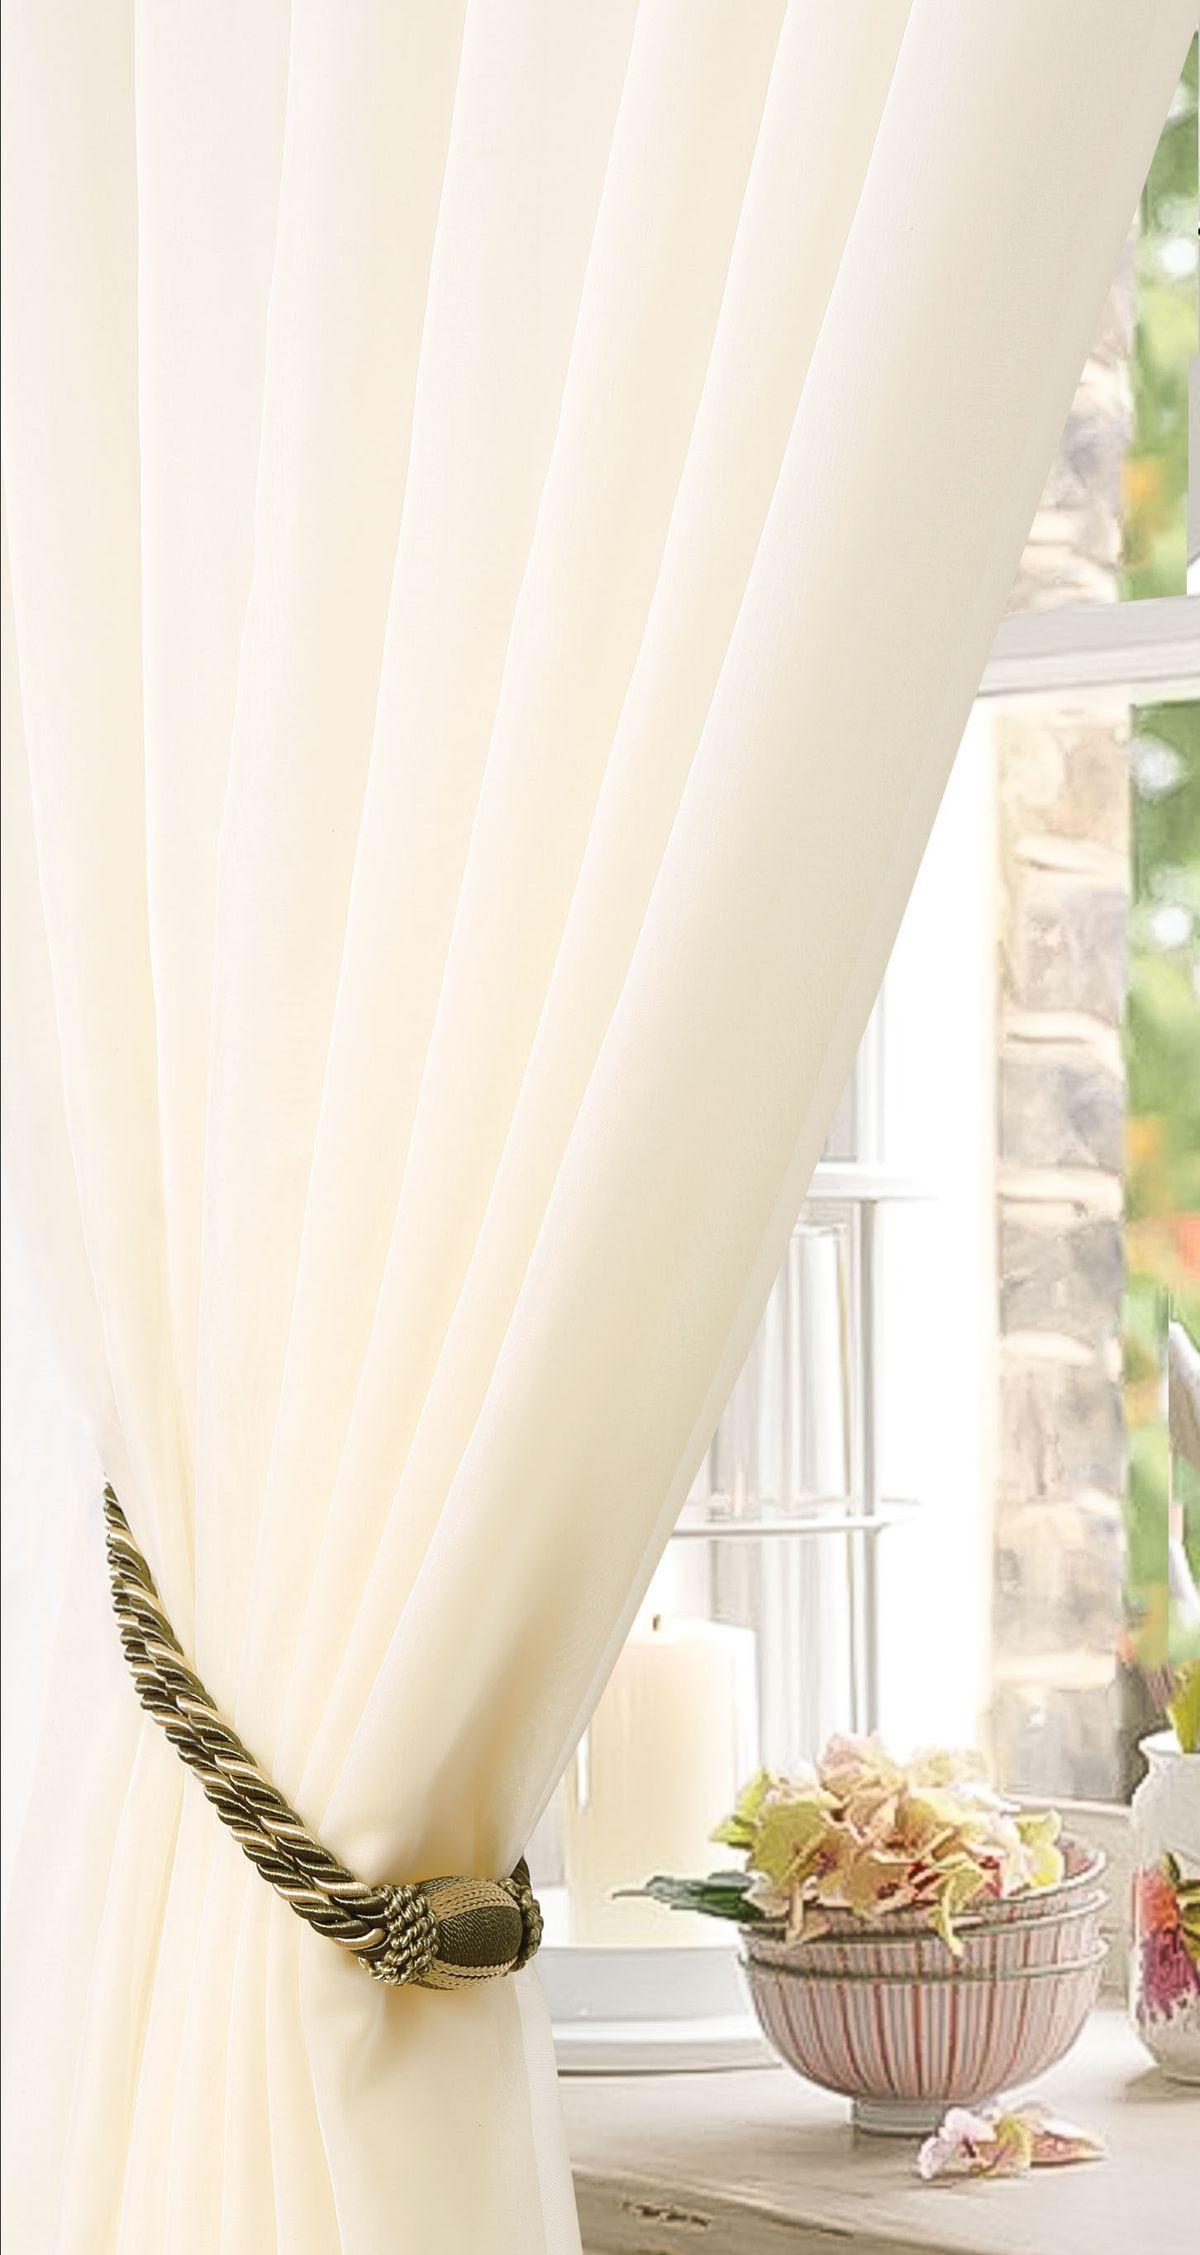 Штора готовая Garden, на ленте, цвет: бежевый, высота 270 см. С W191 450х270 V7100207719-957Тюлевая штора для гостиной Garden выполнена из легкой ткани - вуаль. Она станет великолепным украшением любого окна.Воздушная ткань и приятная текстура создаст неповторимую атмосферу в вашем доме. Штора крепится на карниз при помощи ленты, которая поможет красиво и равномерно задрапировать верх.